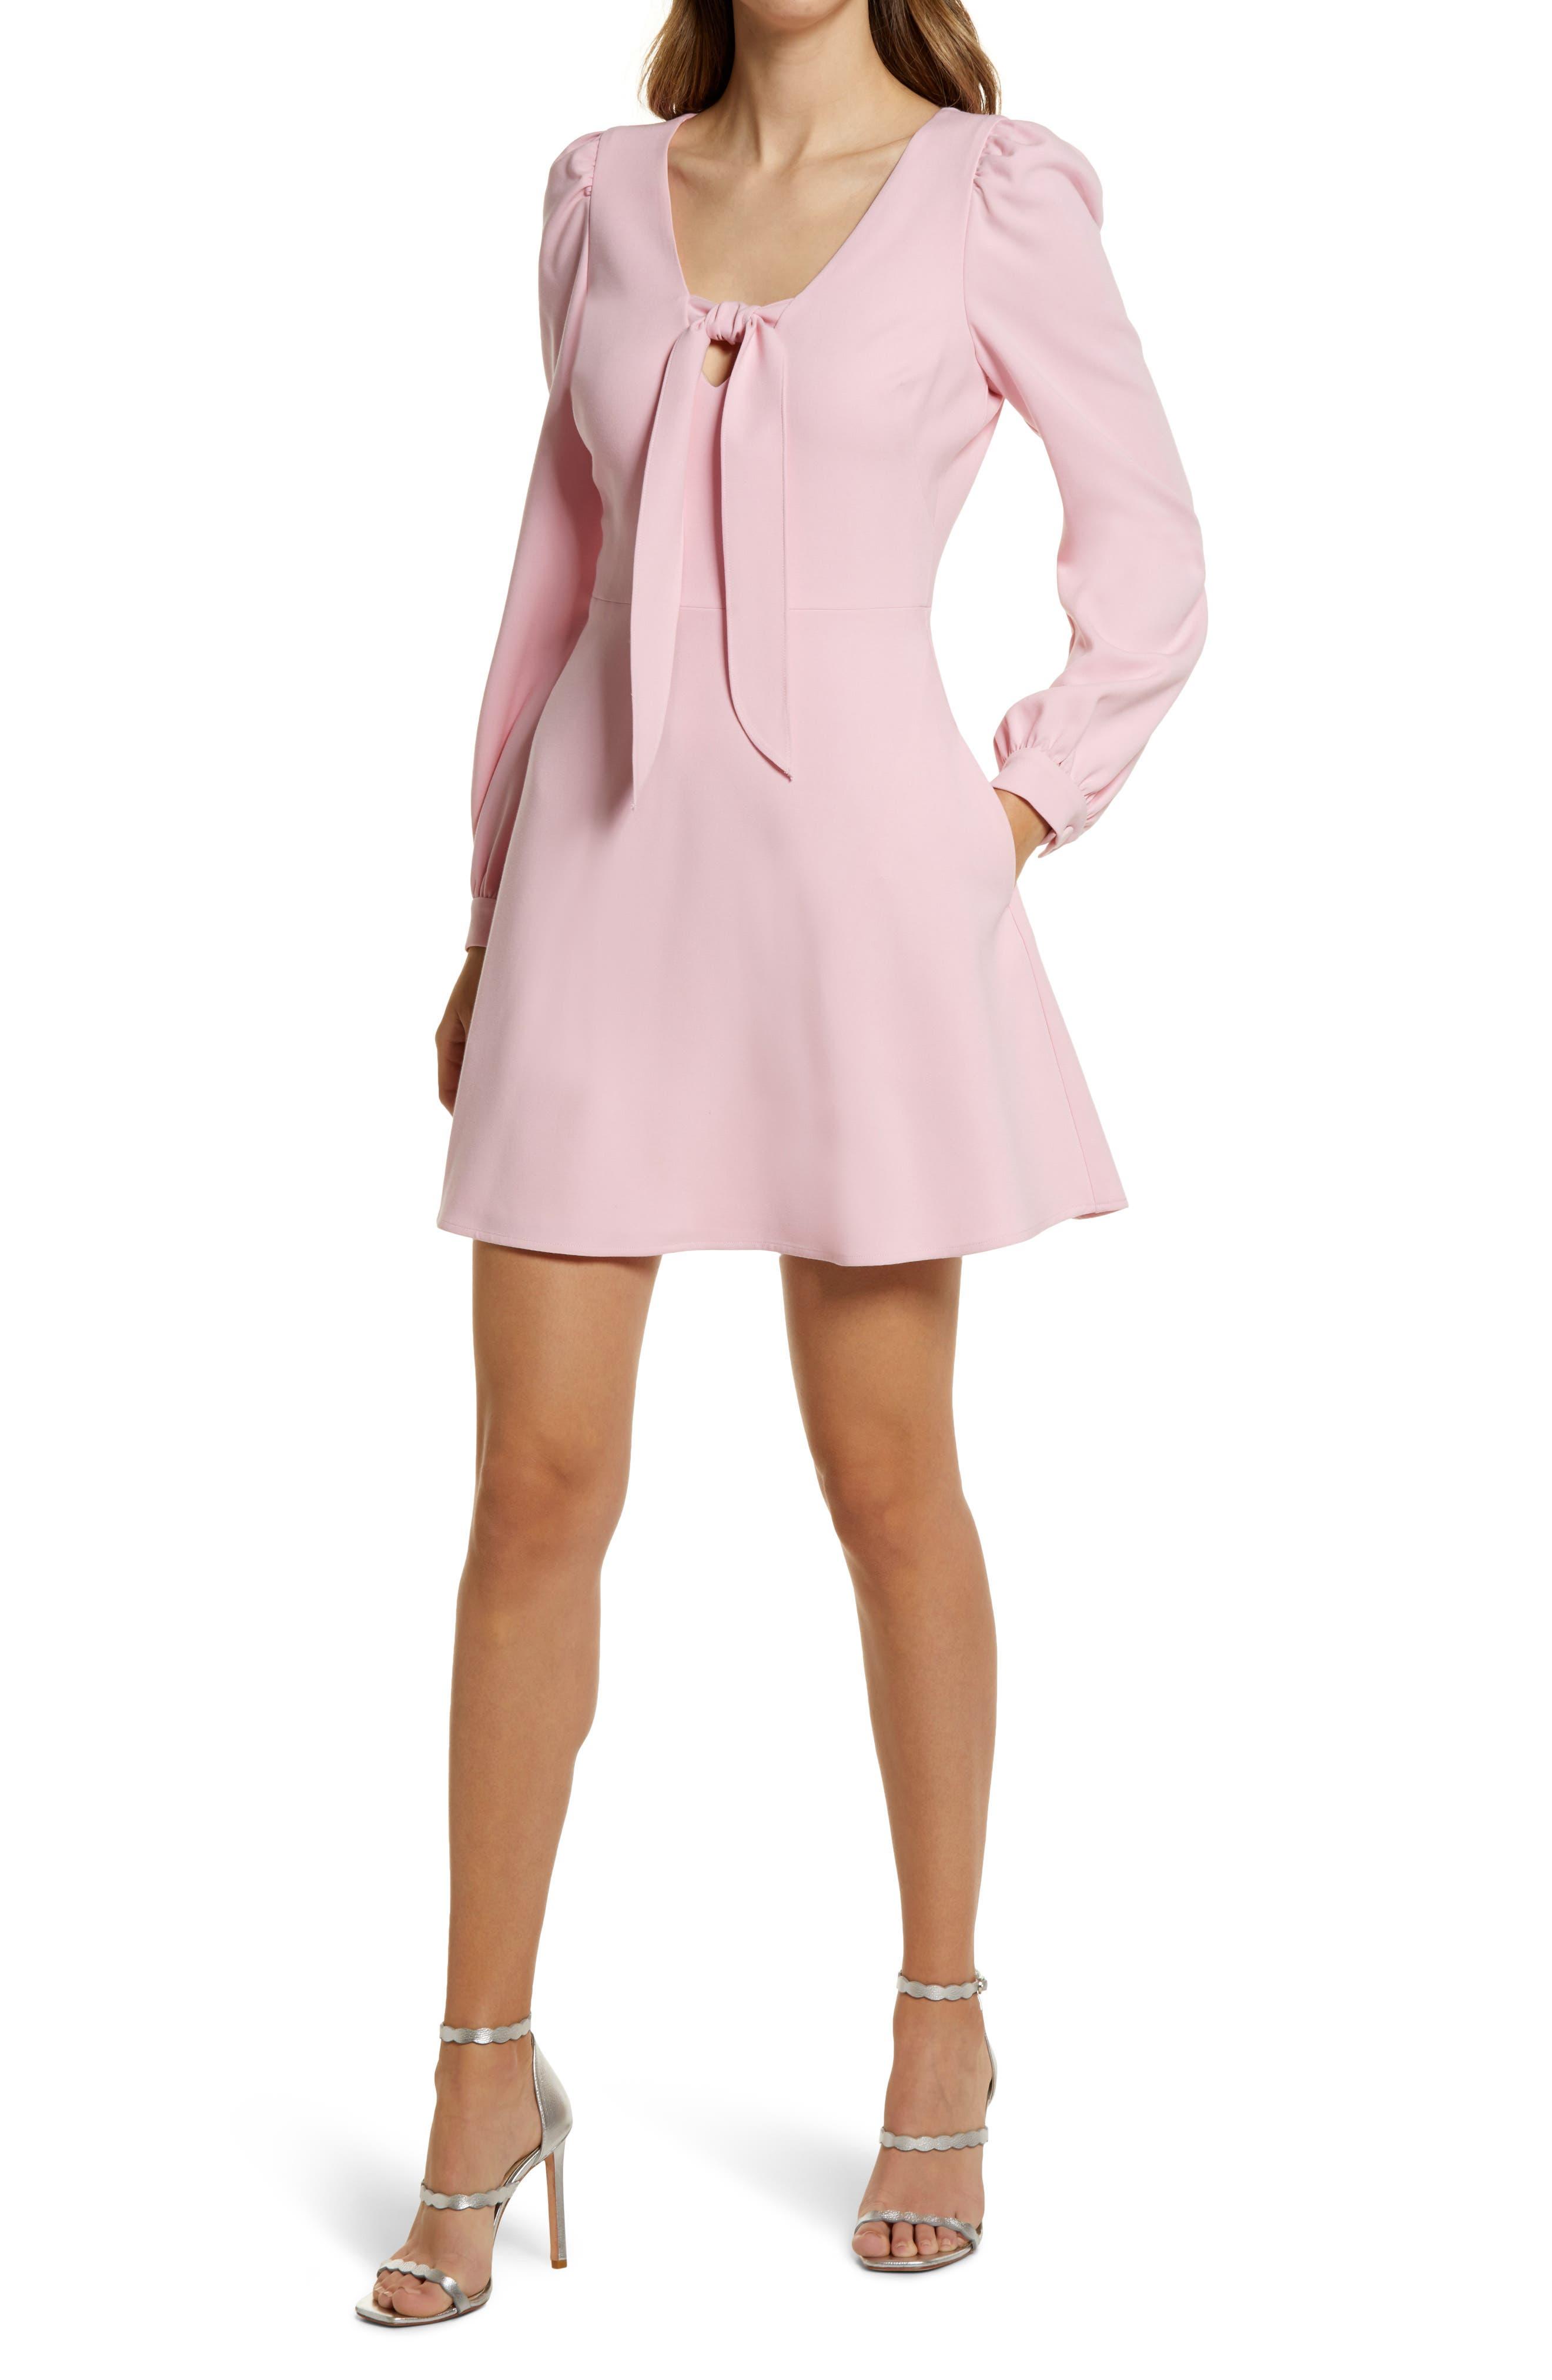 Ellen Long Sleeve Minidress